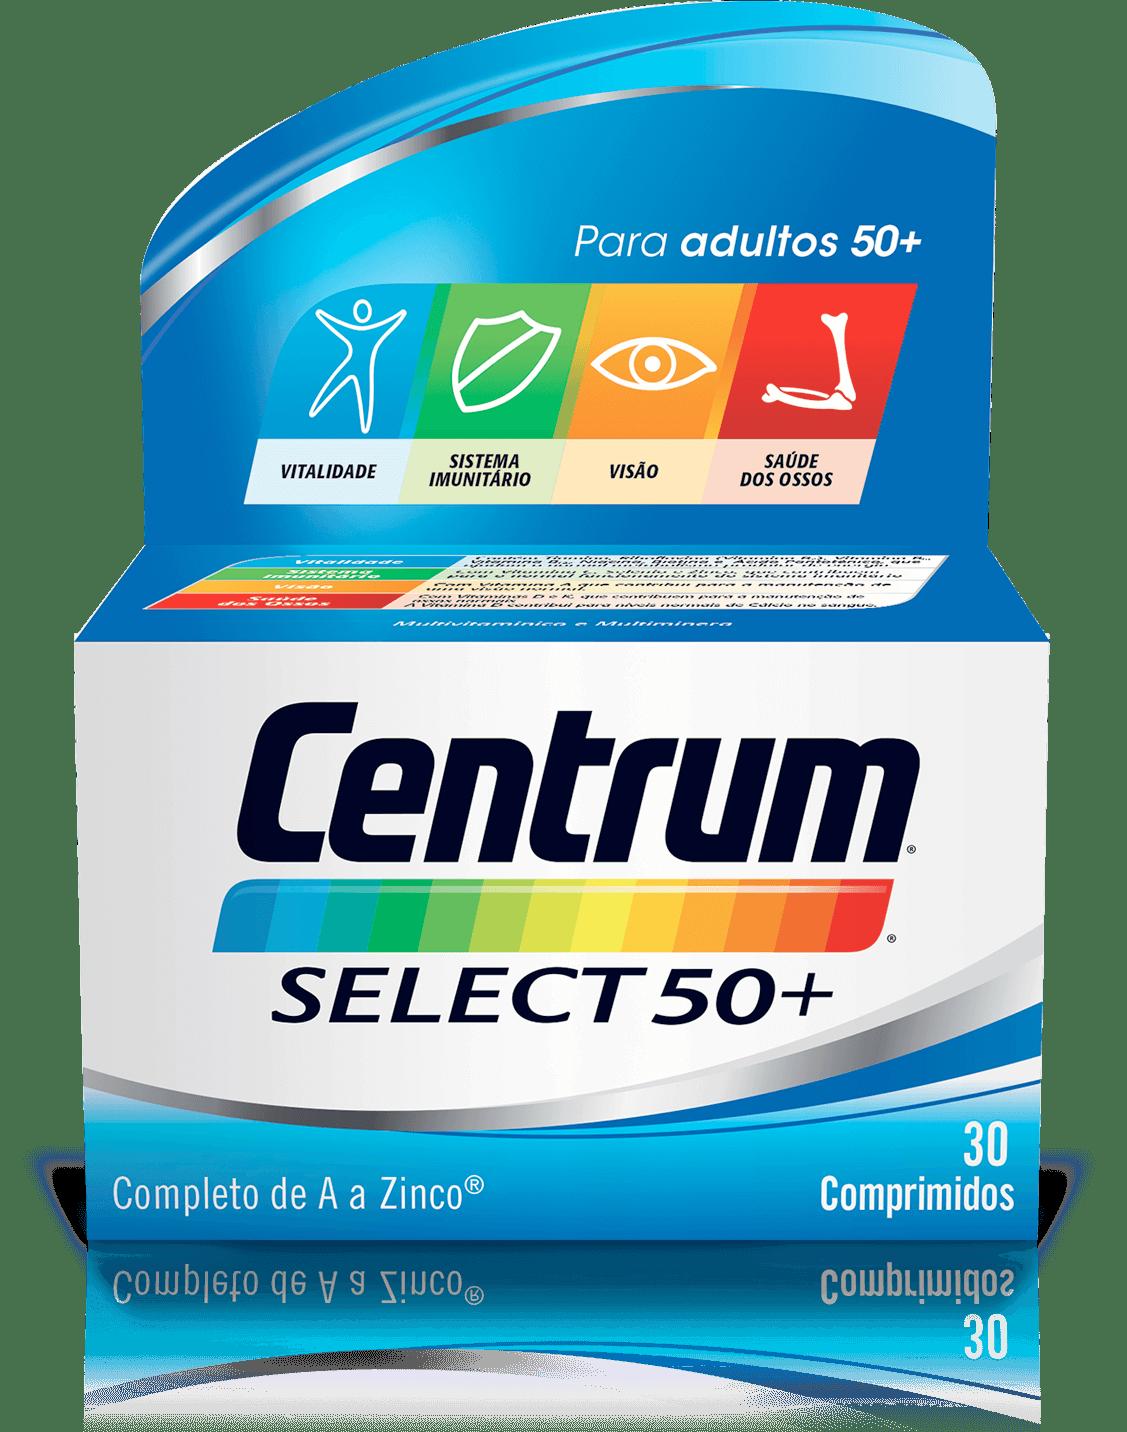 Imagem da fórmula Centrum Select 50+